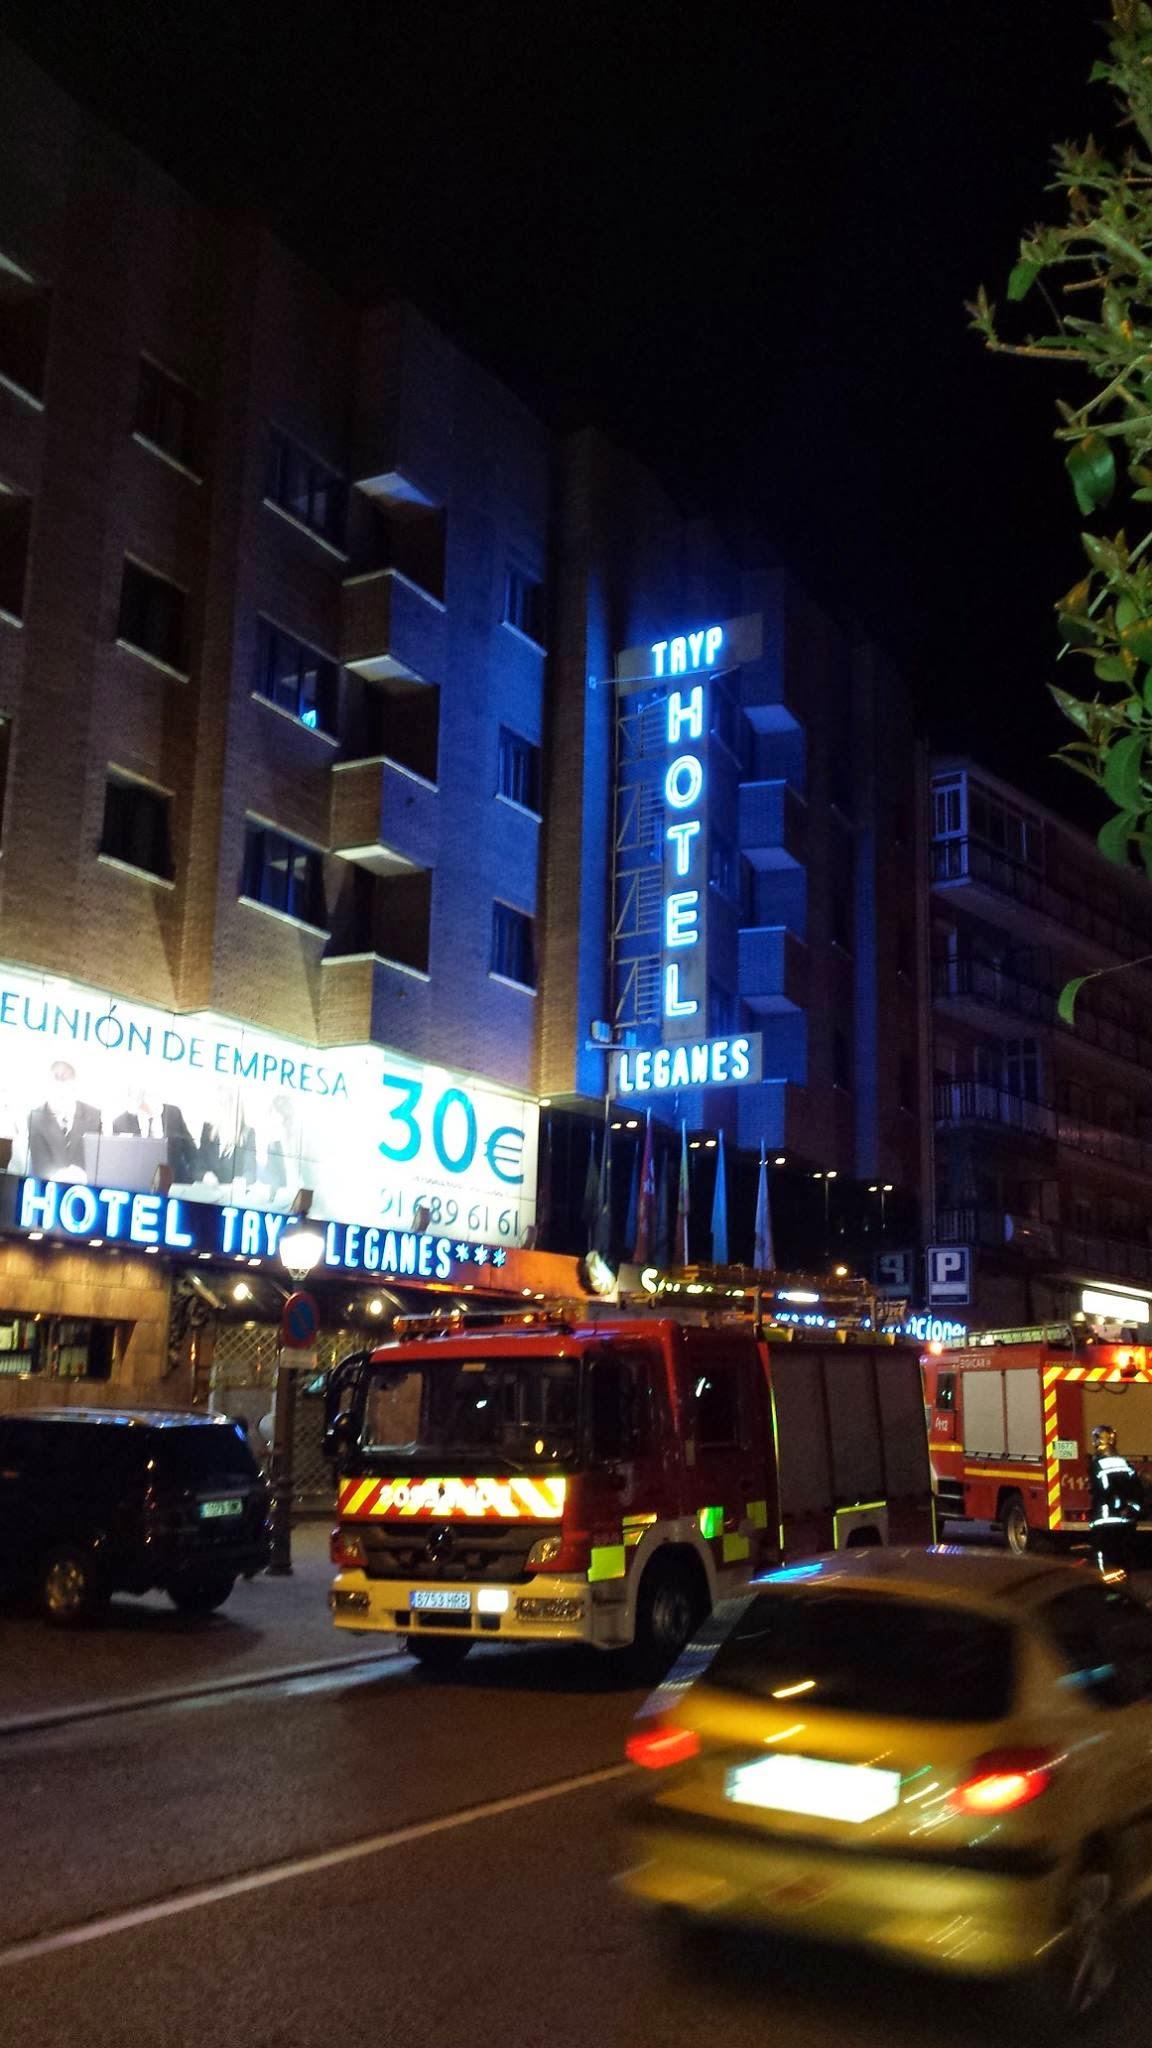 incendio hotel tryp leganes leganesactivo